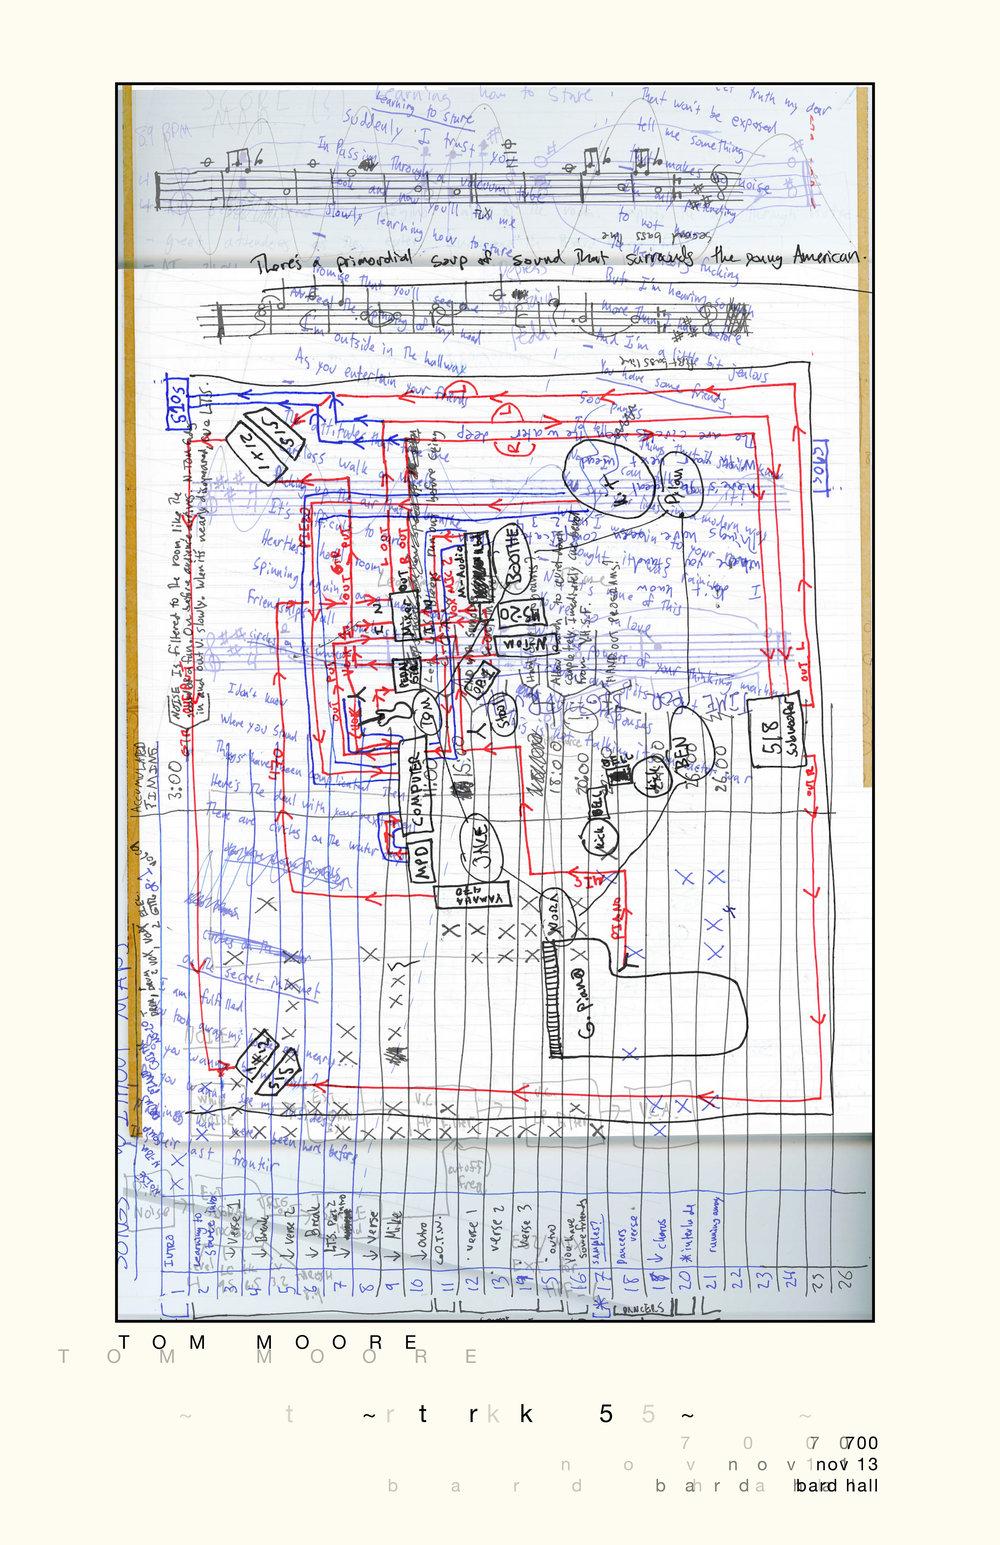 TOM-MOORE - WEB.jpg